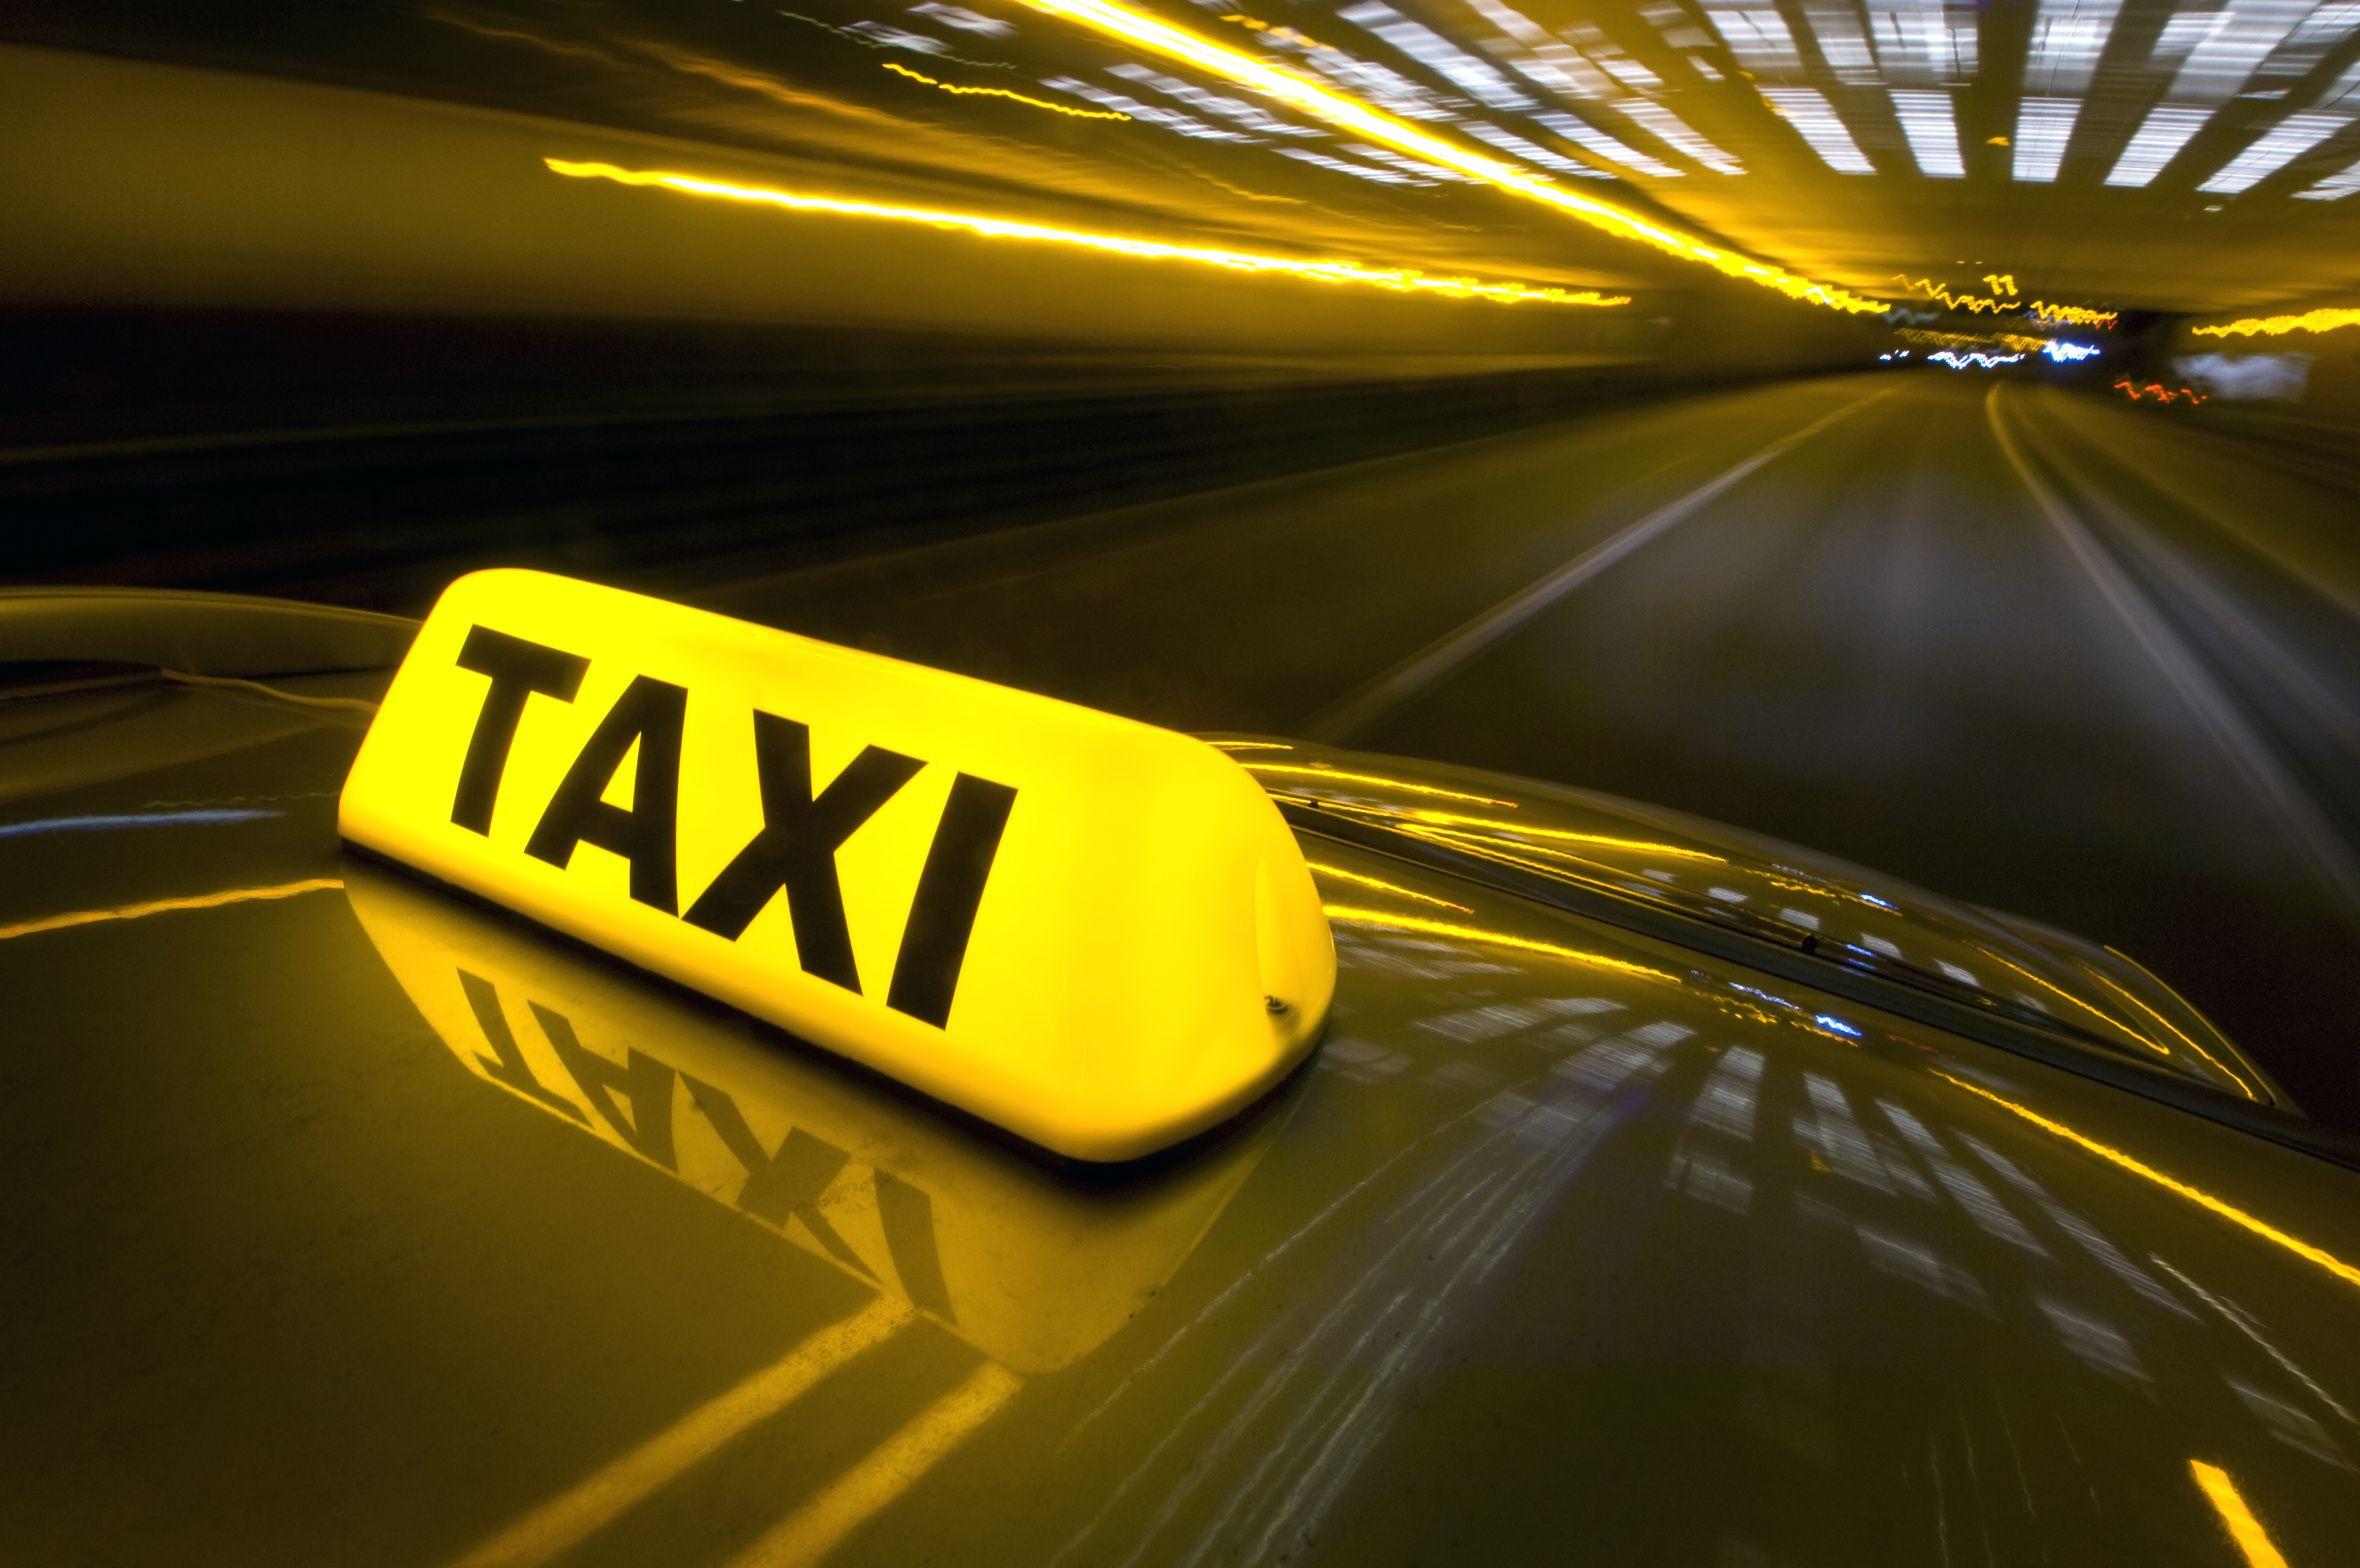 نرخ مصوب کرایه تاکسی ها در تمام خطوط کلان شهر تـهران + جدول